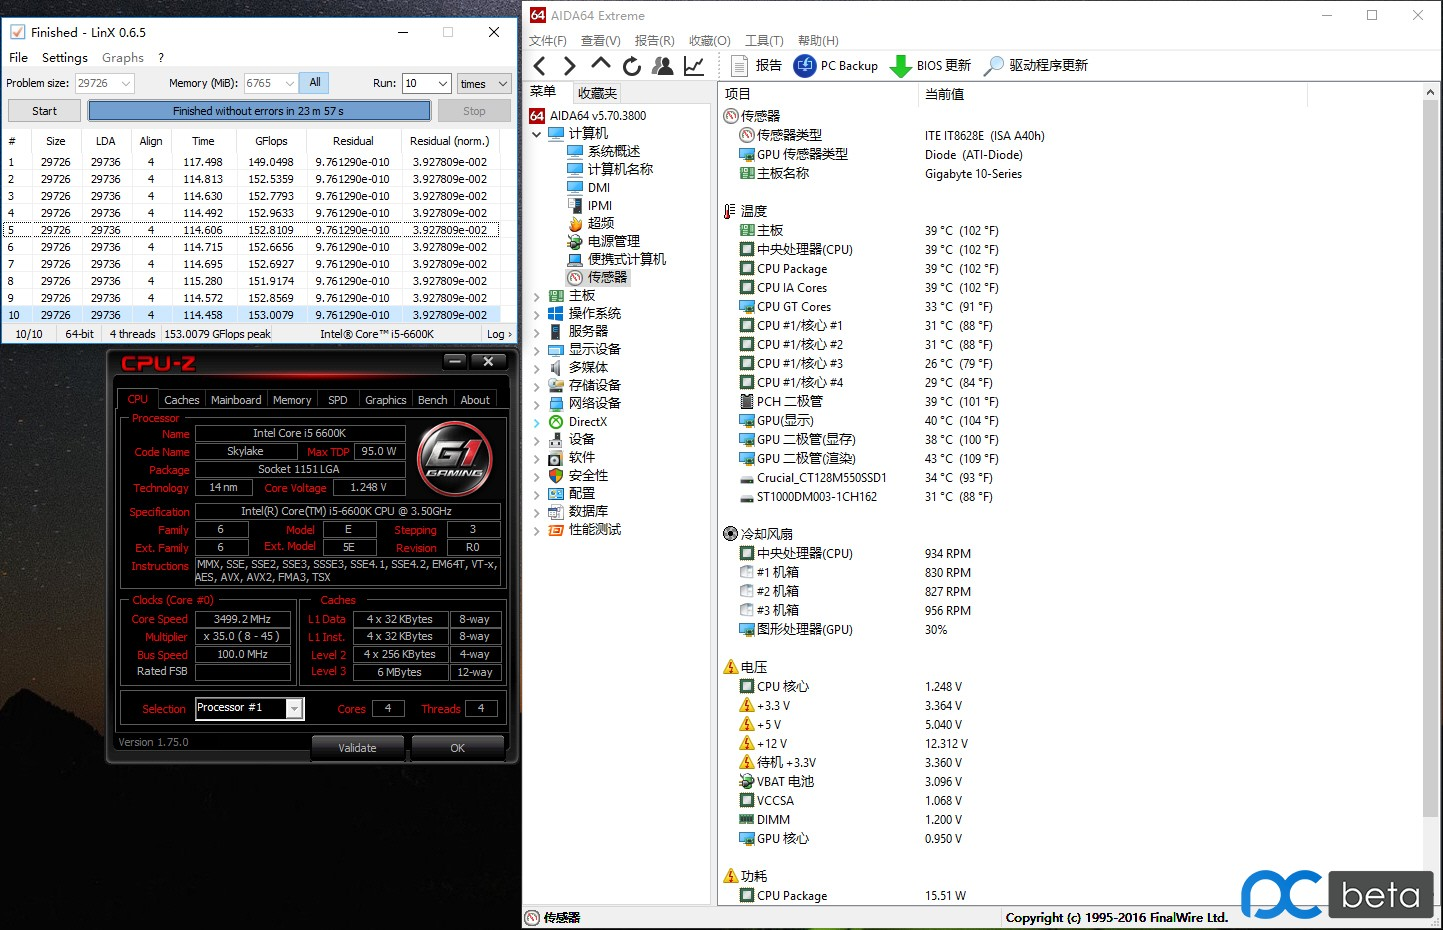 1.25V 4.5G linx.jpg